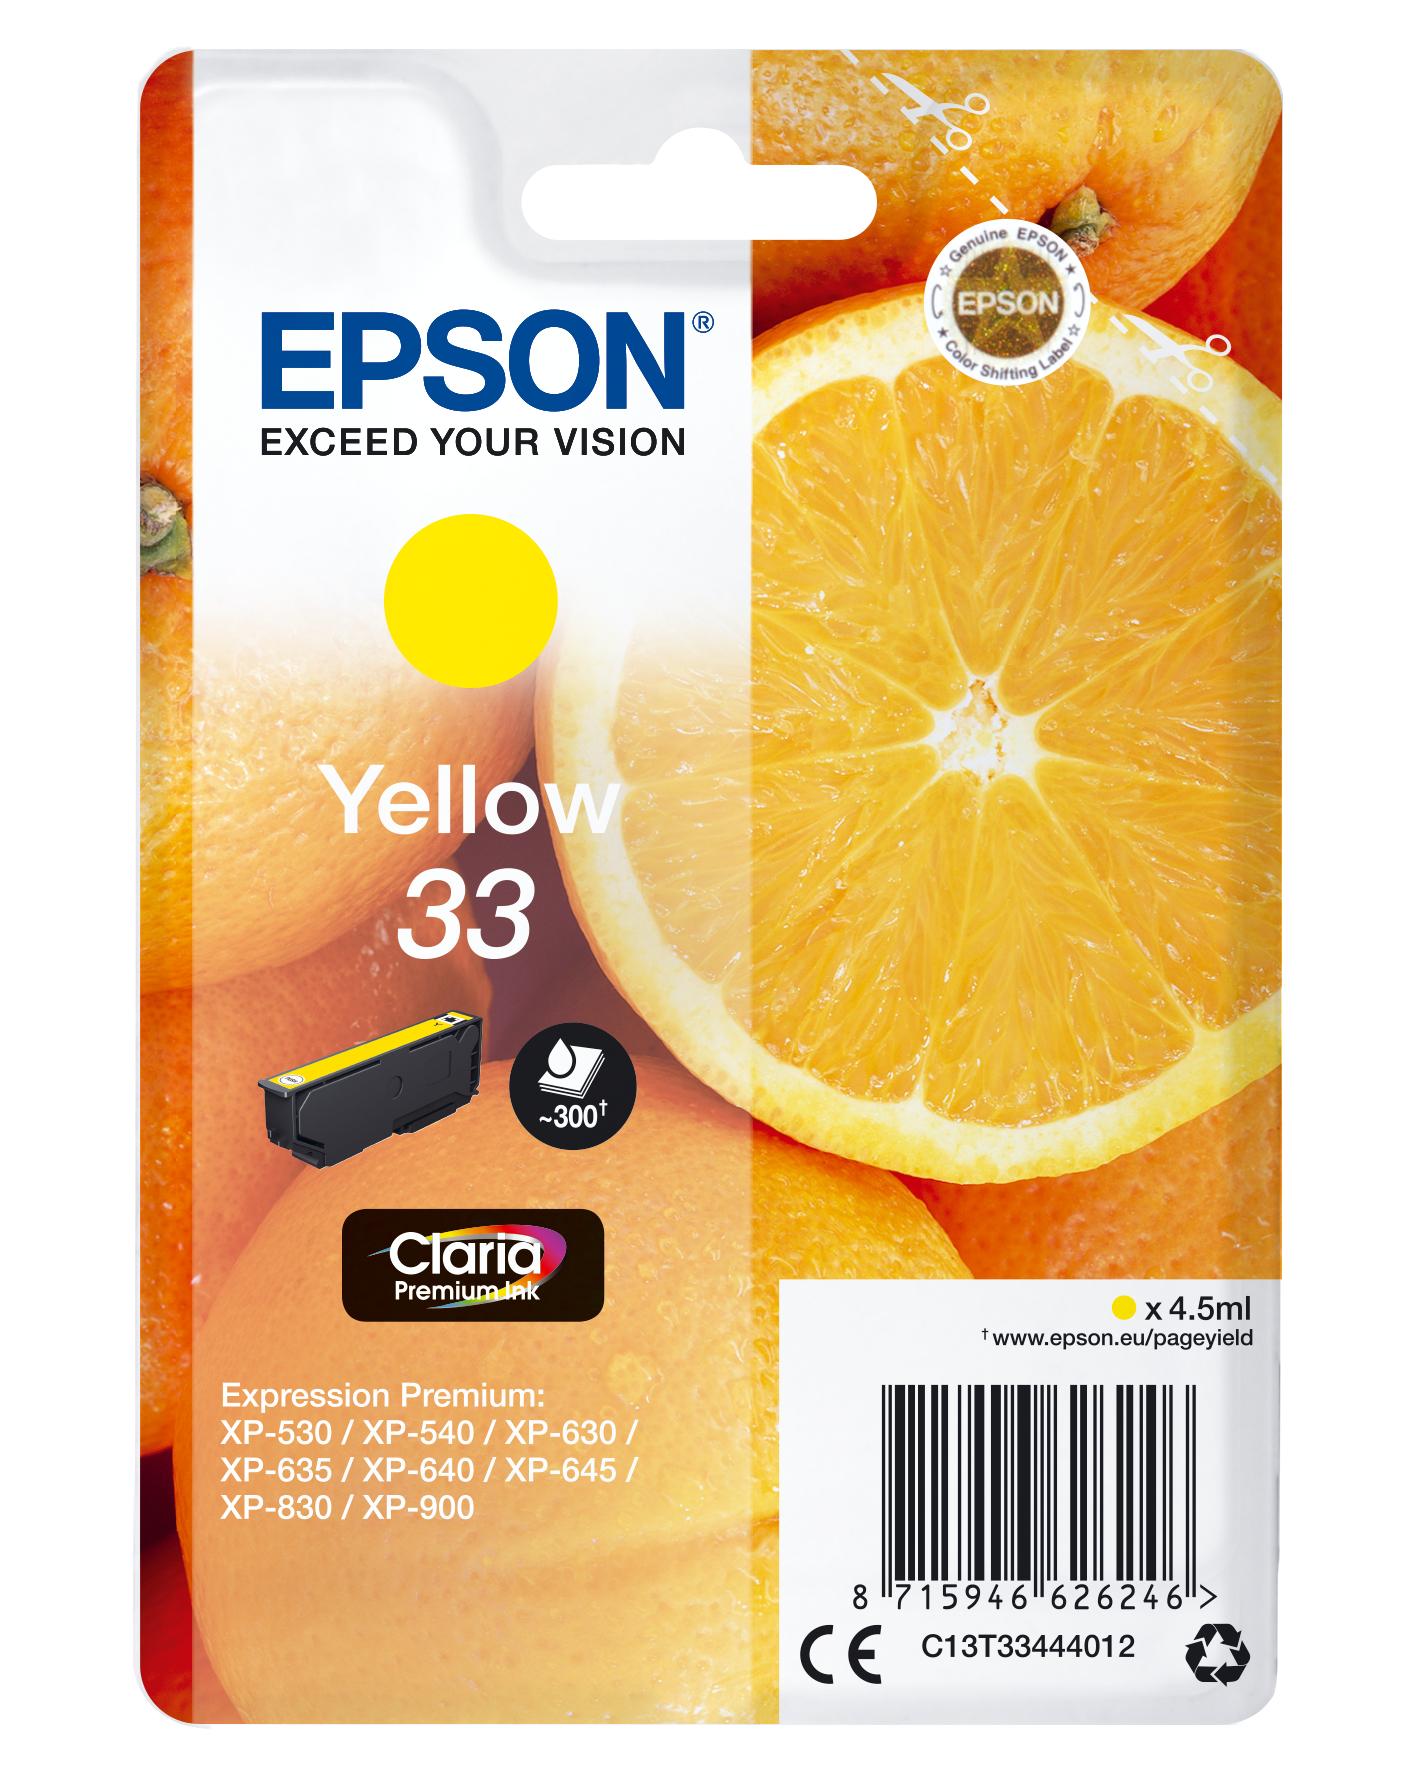 Epson Oranges Singlepack Yellow 33 Claria Premium Ink